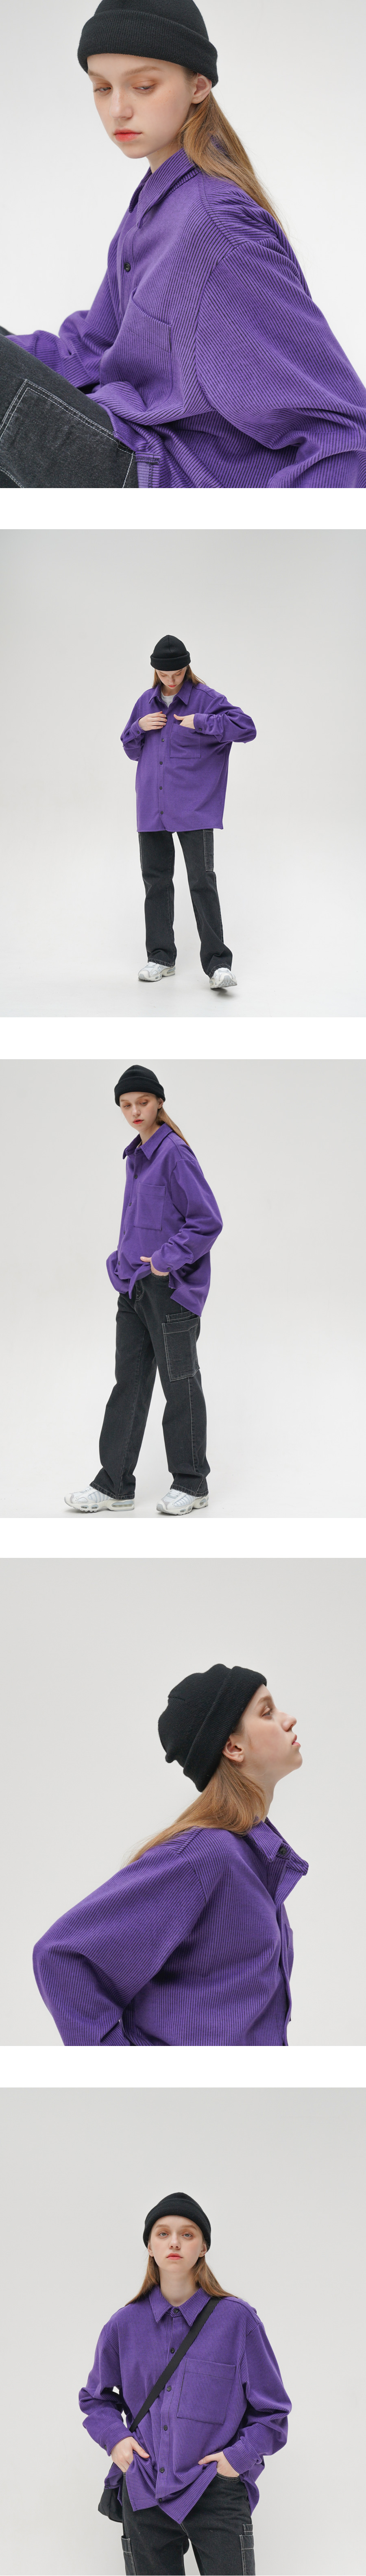 4305_model_purple_sm_01.jpg